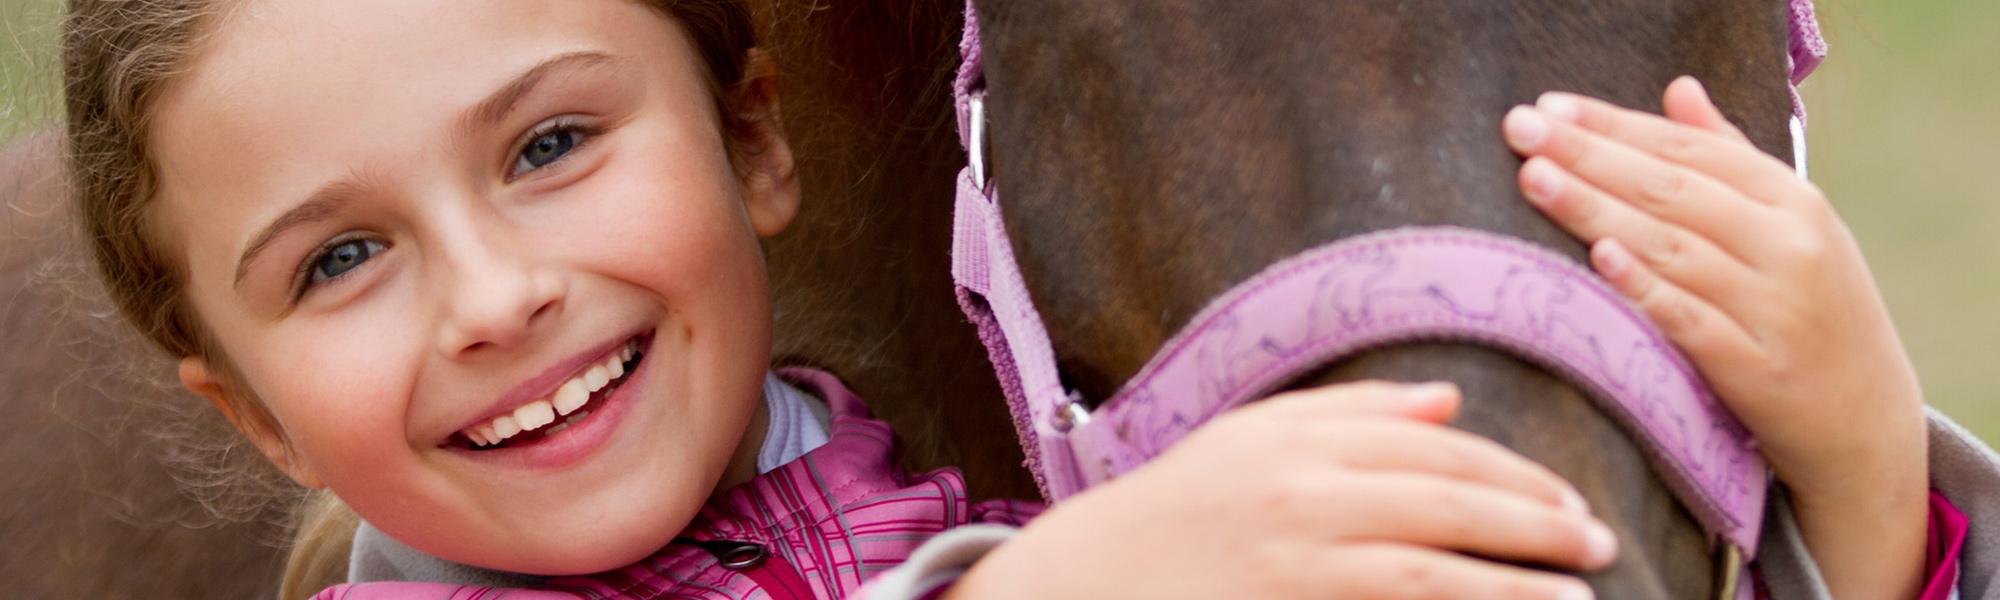 Pferdegestützte Intensivwochen